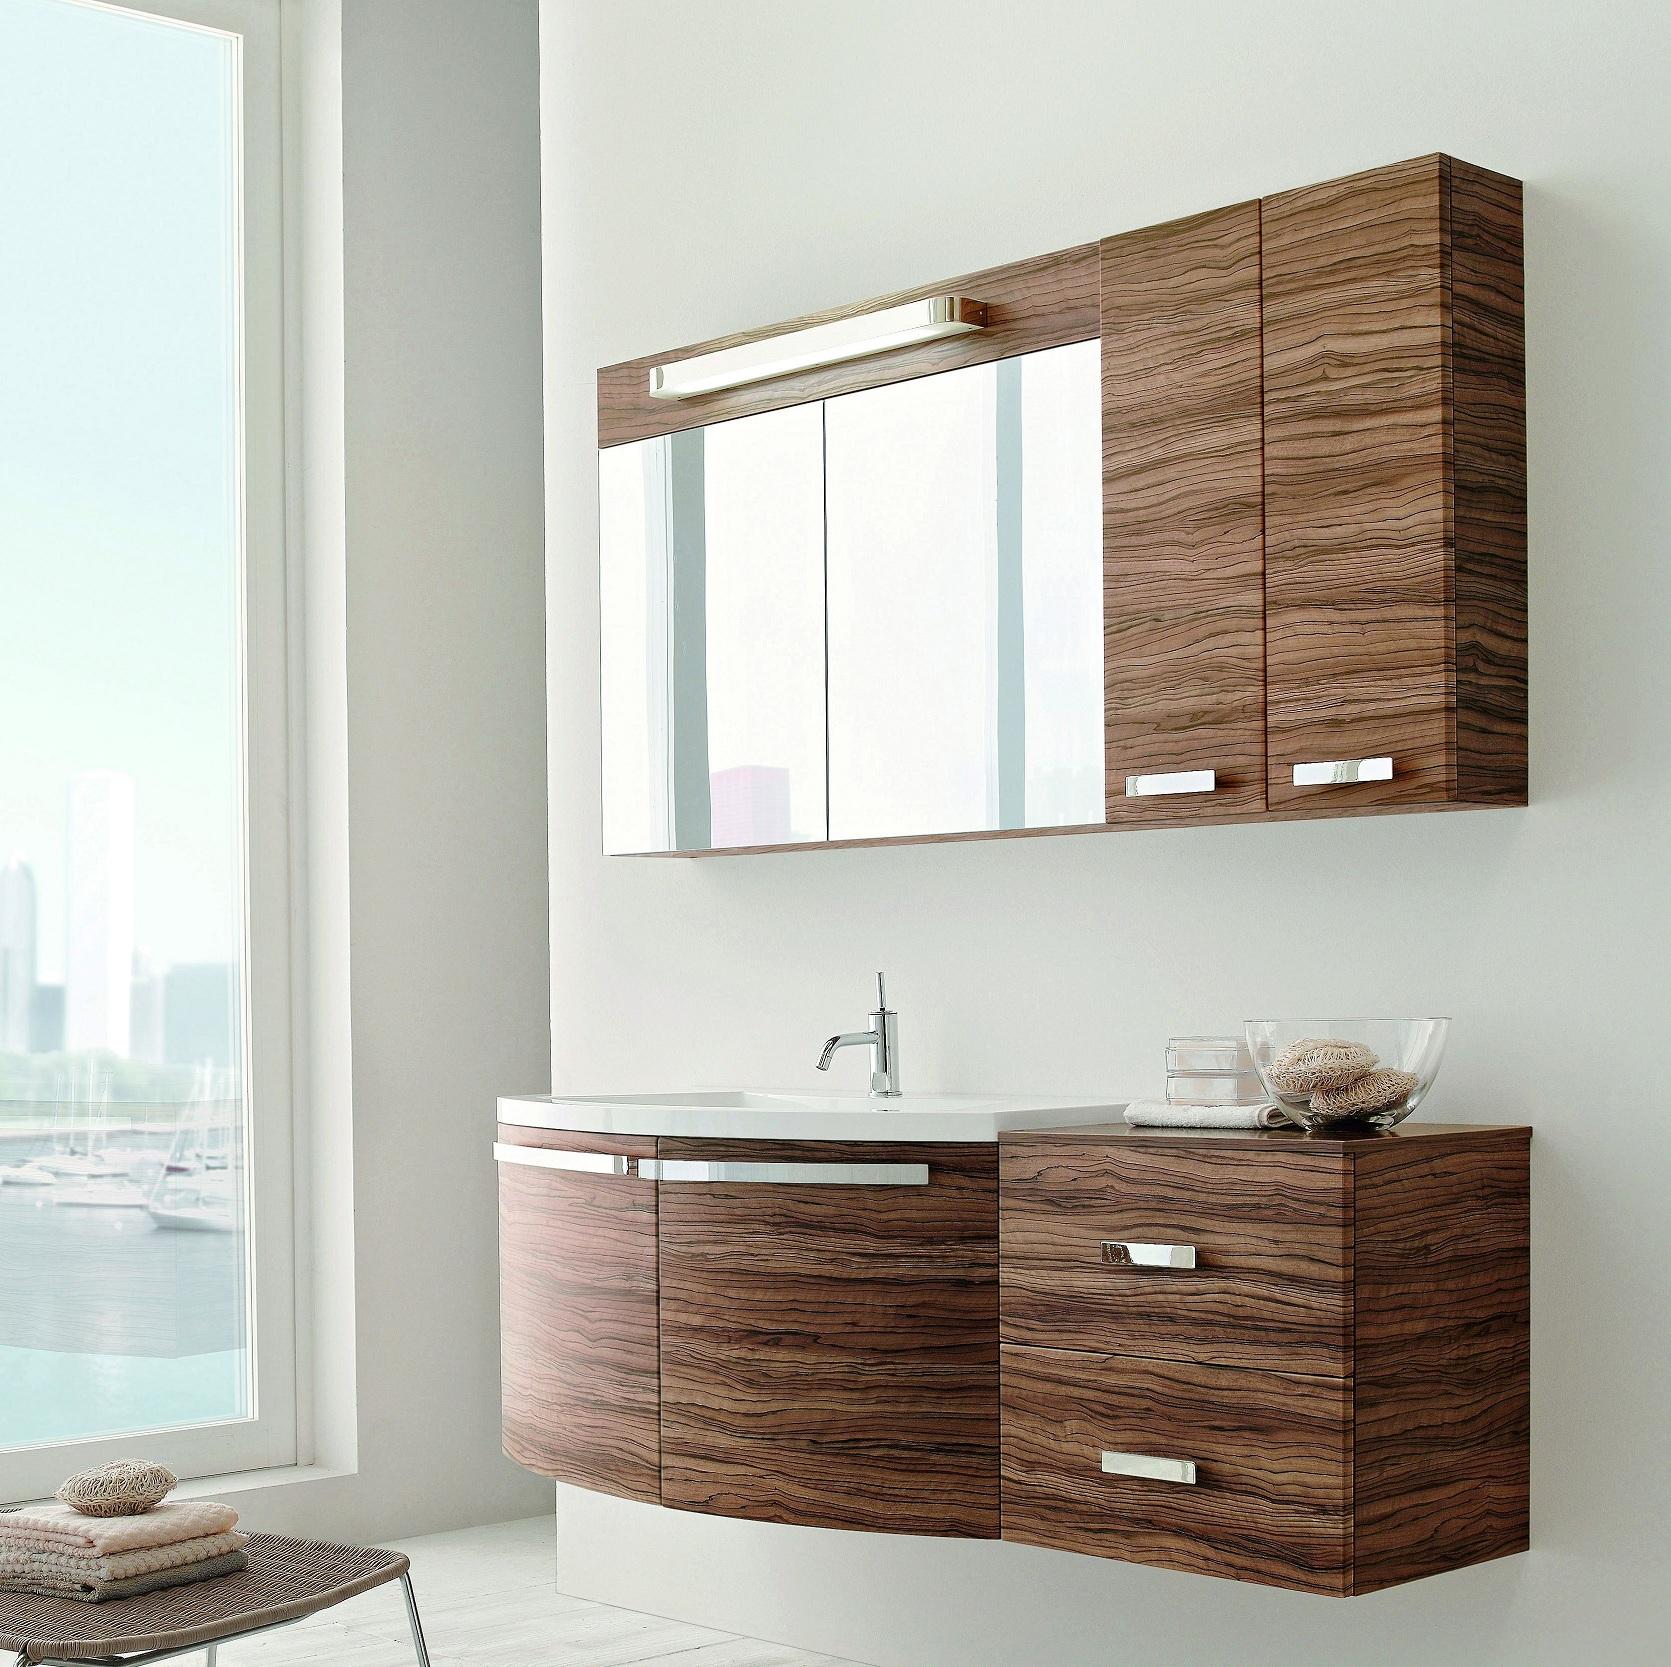 как выбрать мебель для ванной комнаты виды материалы стиль и цвета